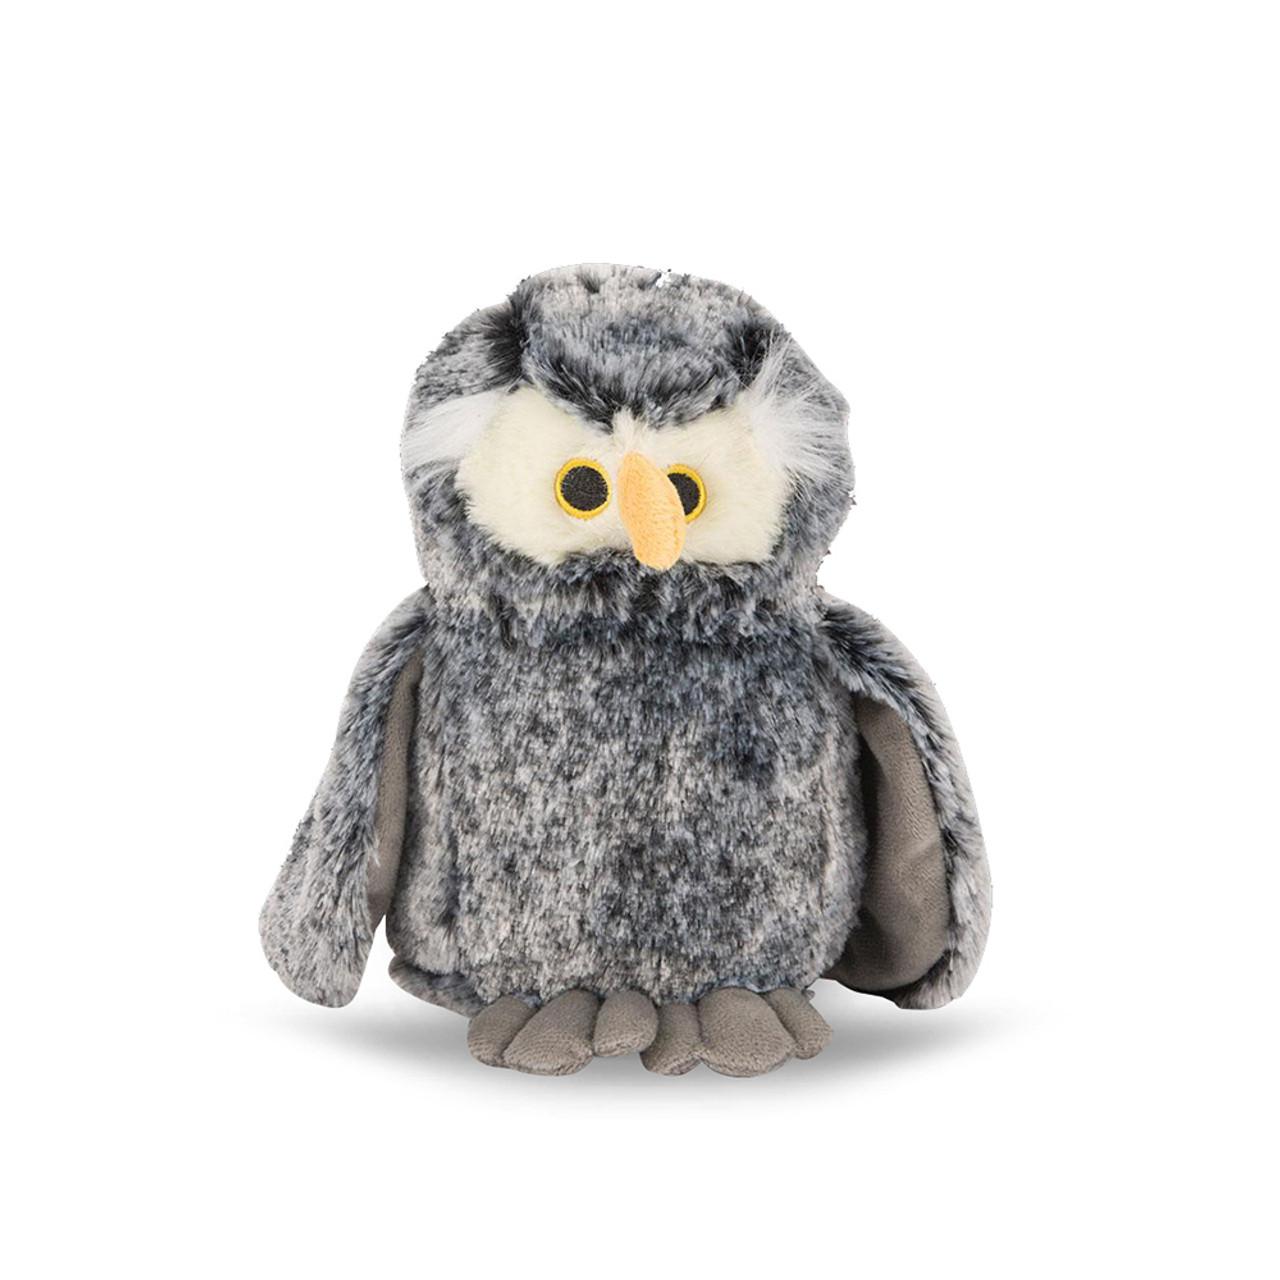 NanDog My BFF Grey Plush Owl Dog Toy